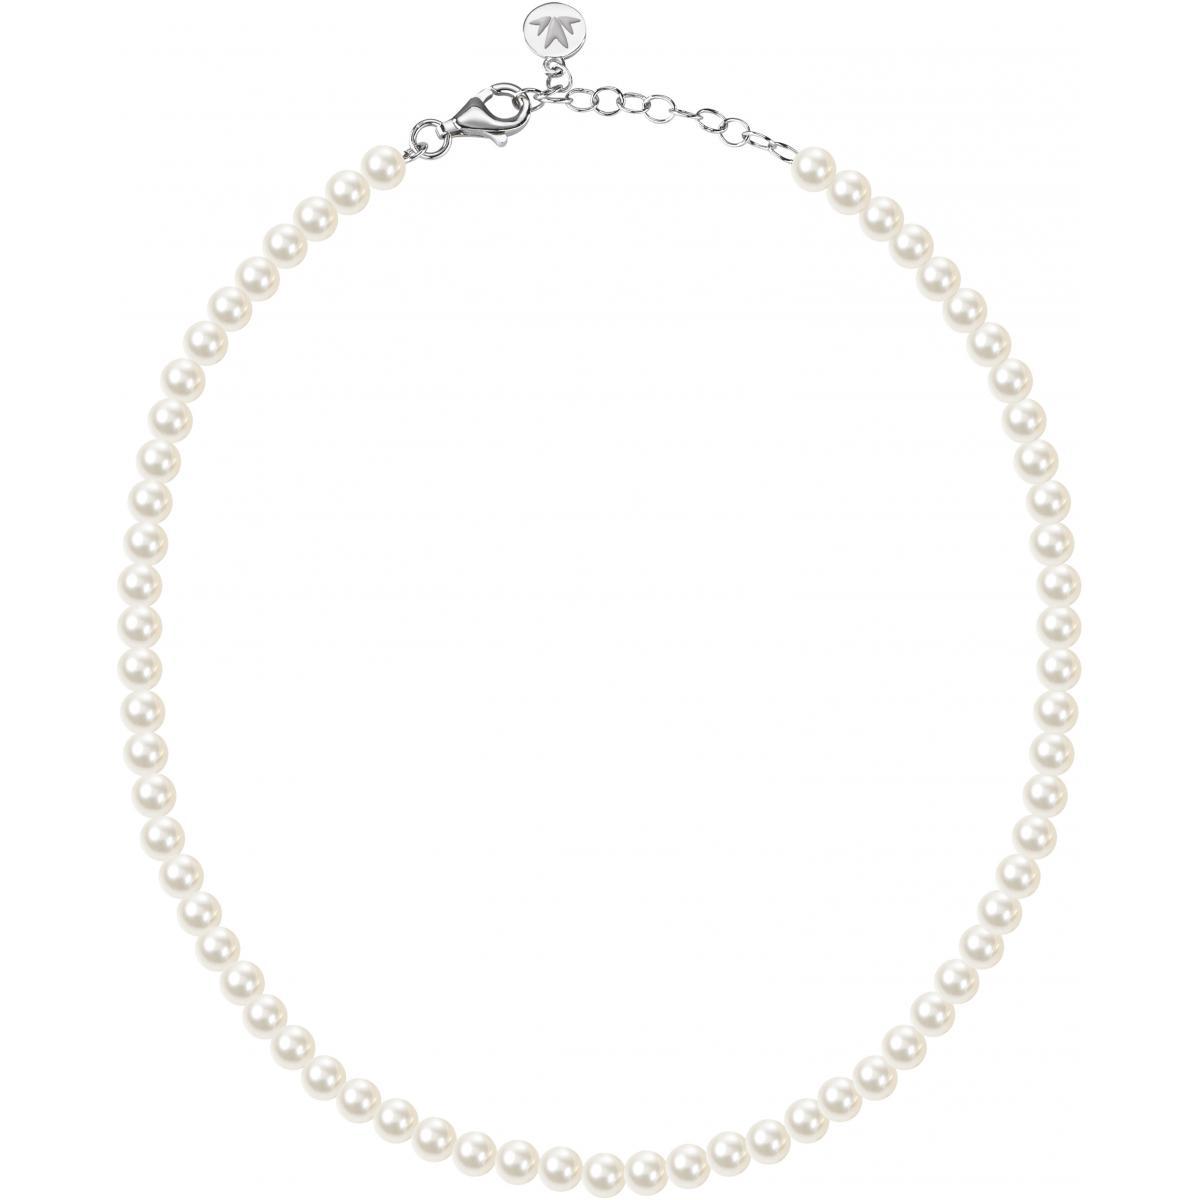 collier argent perle femme